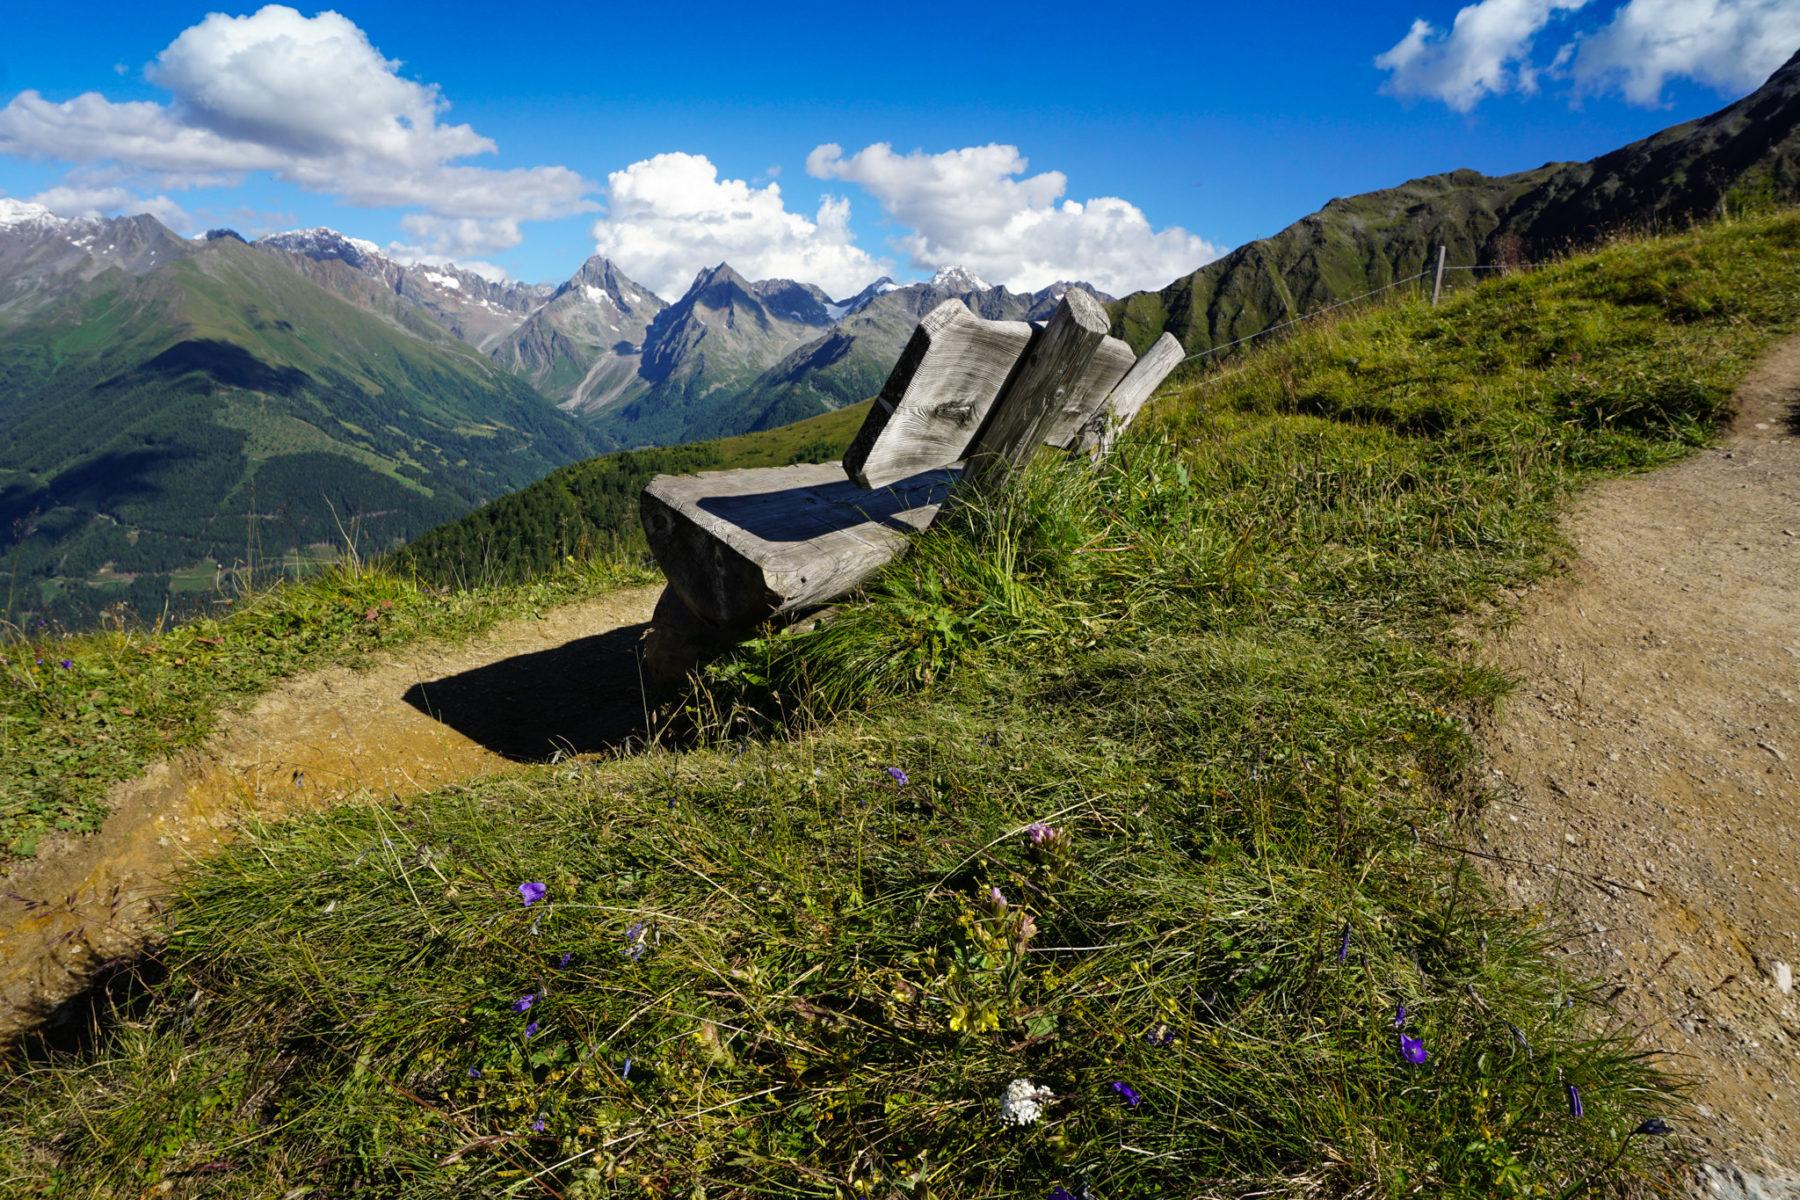 Natur erleben im Ferienhaus Meins in Kals in Osttirol